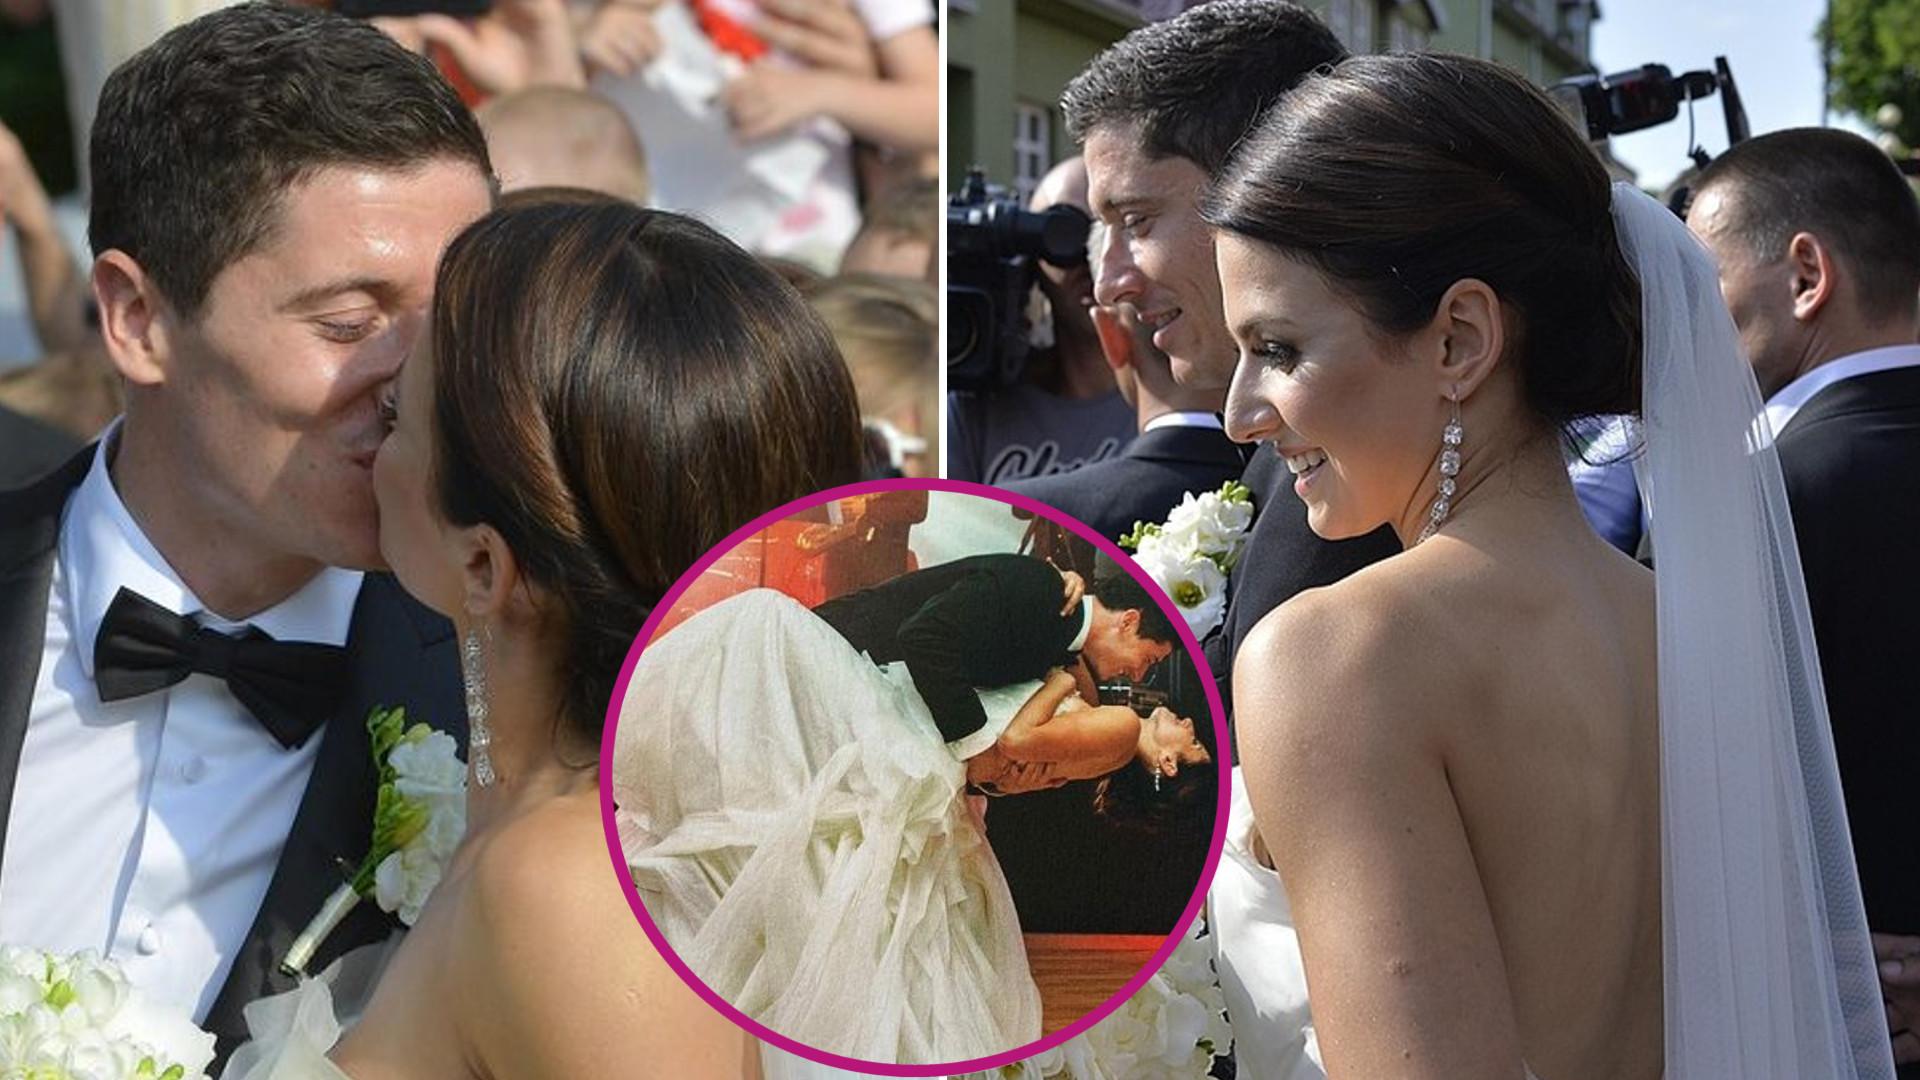 Lewandowscy świętują 7. rocznicę ślubu – pokazali nieznane zdjęcia